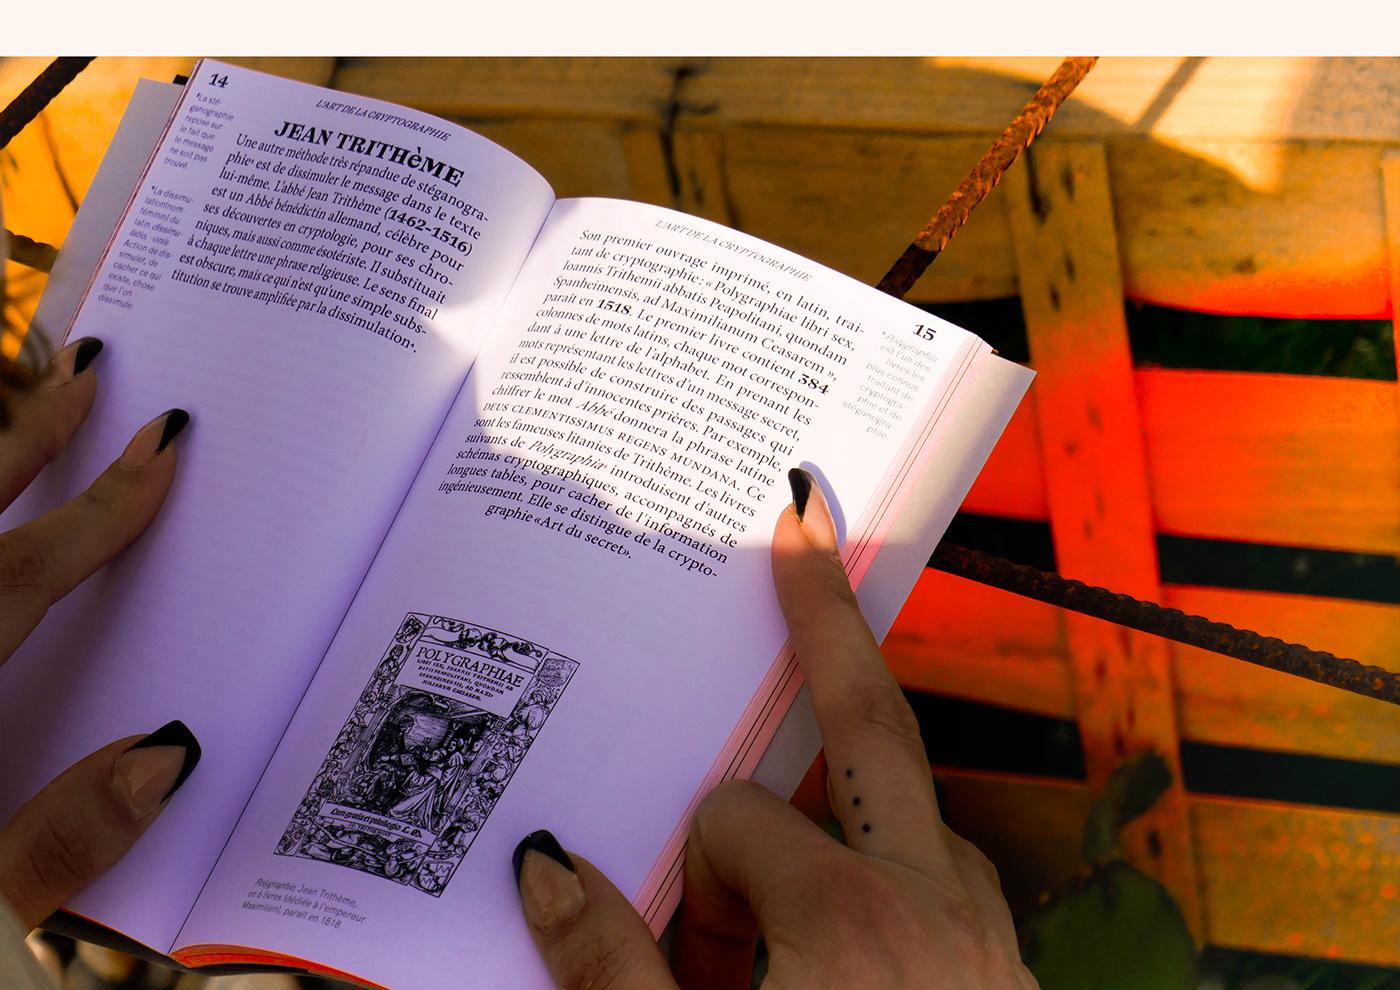 edition graphic design  book research print livre typefont mise en scène graphisme communication visuelle